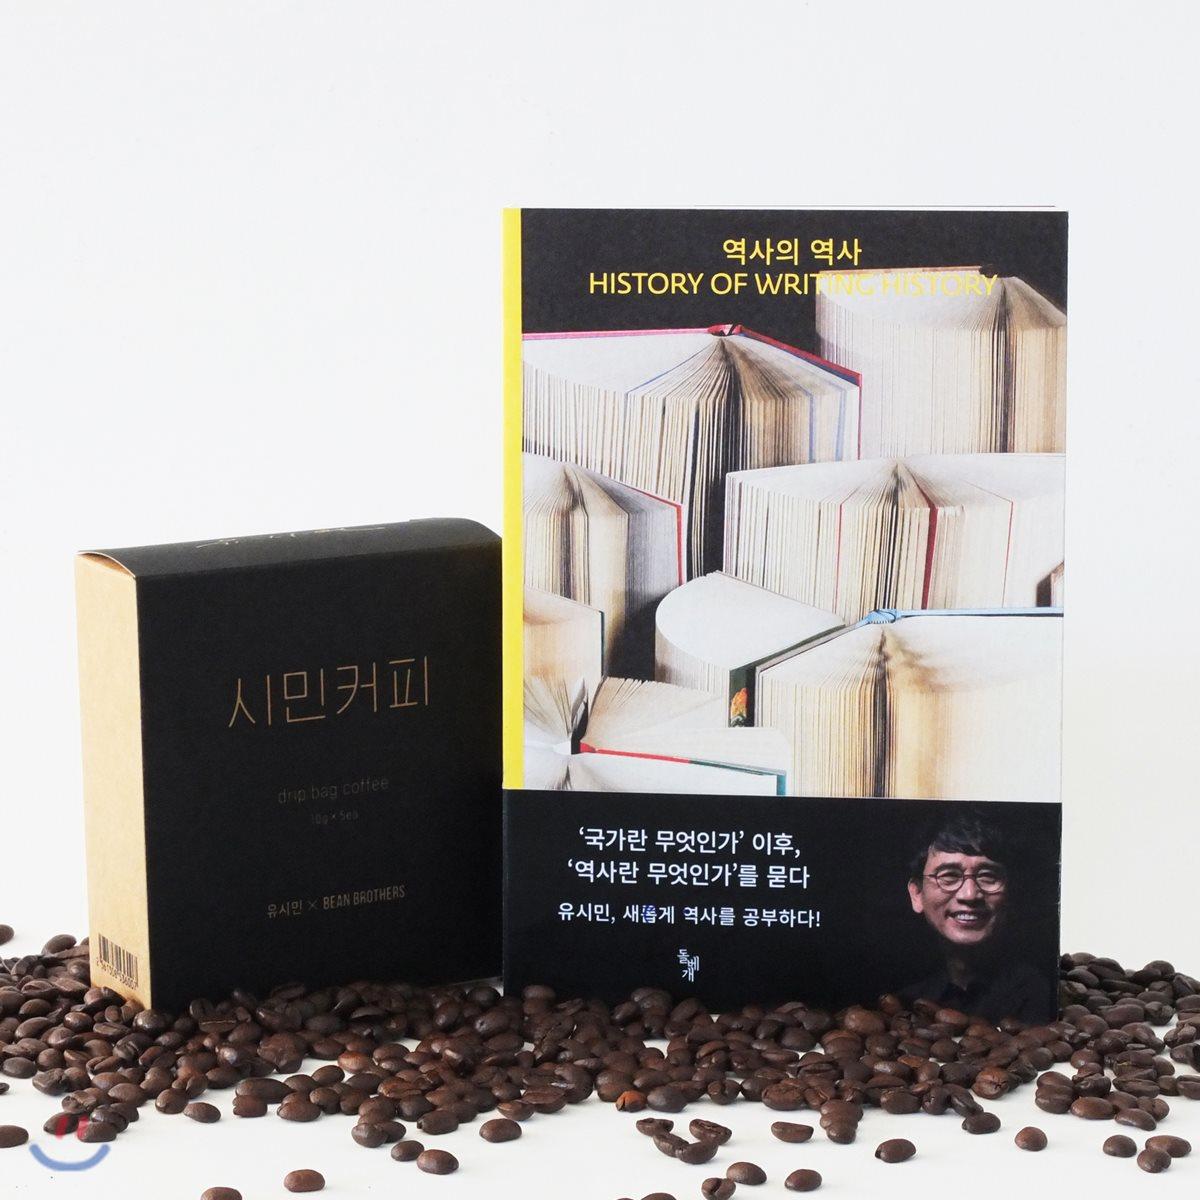 유시민 『역사의 역사』<br>커피 세트 한정판매